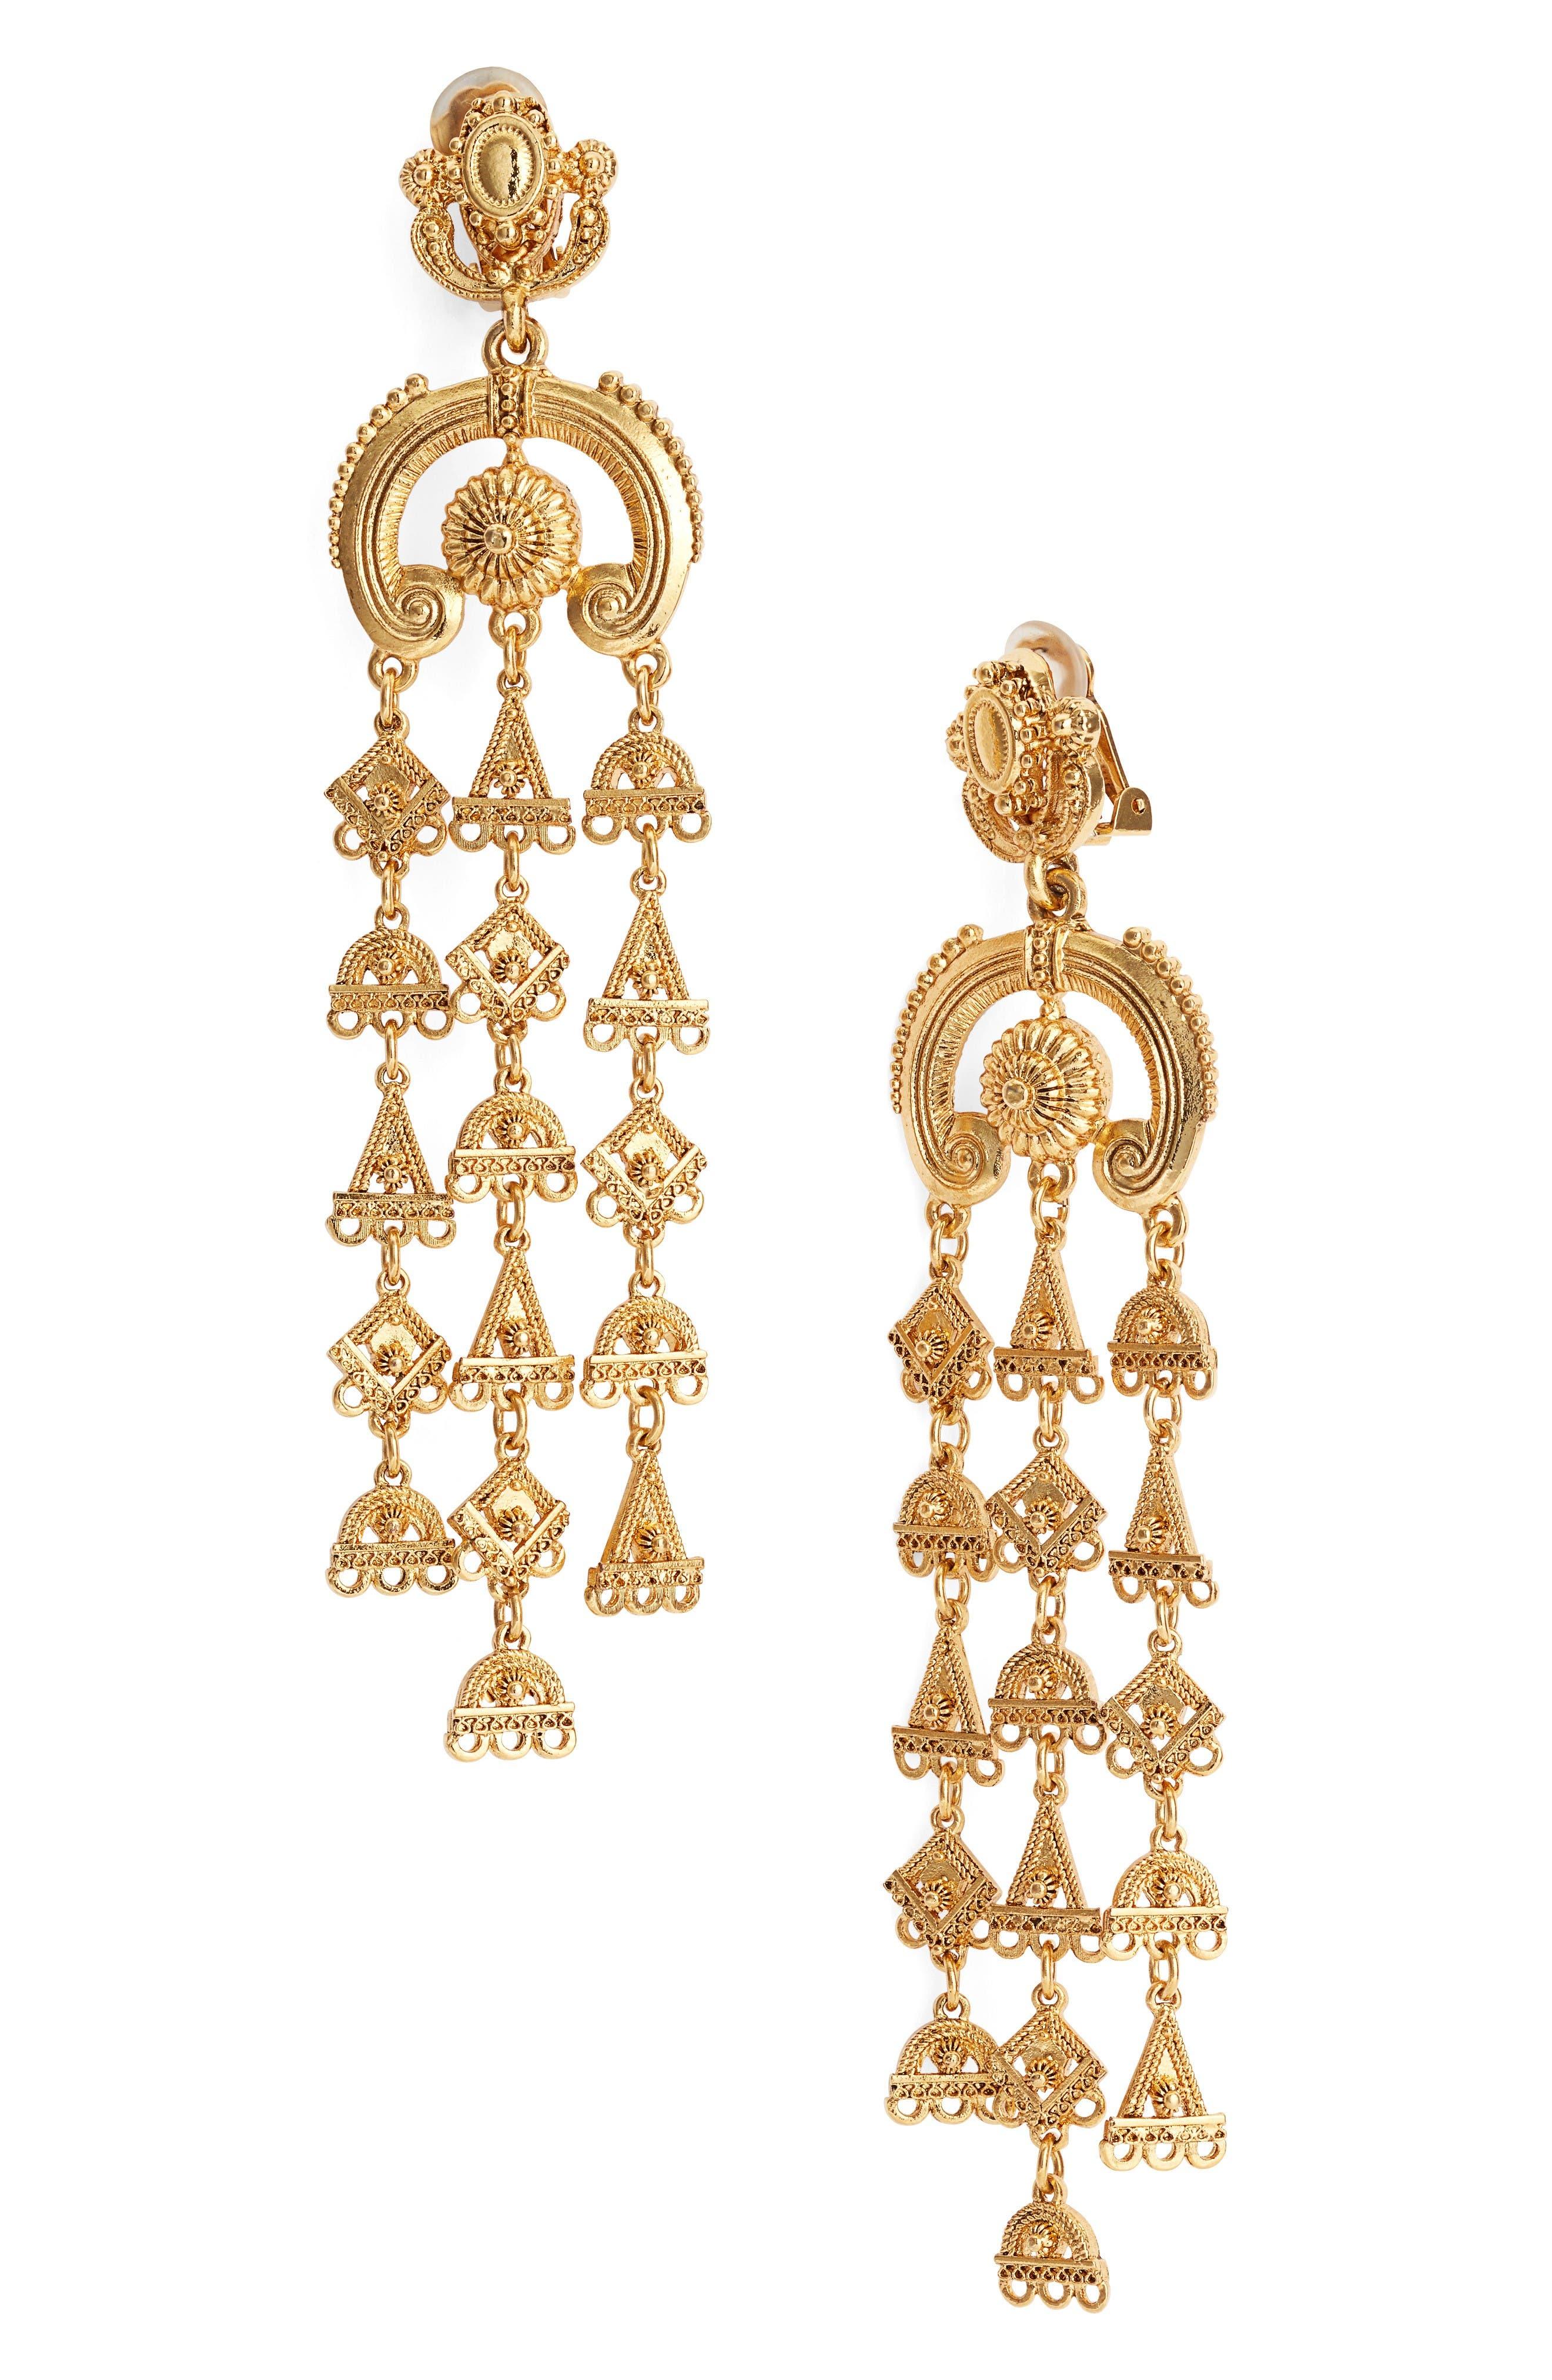 Main Image - Oscar de la Renta Ornate Charm Chandelier Clip Earrings